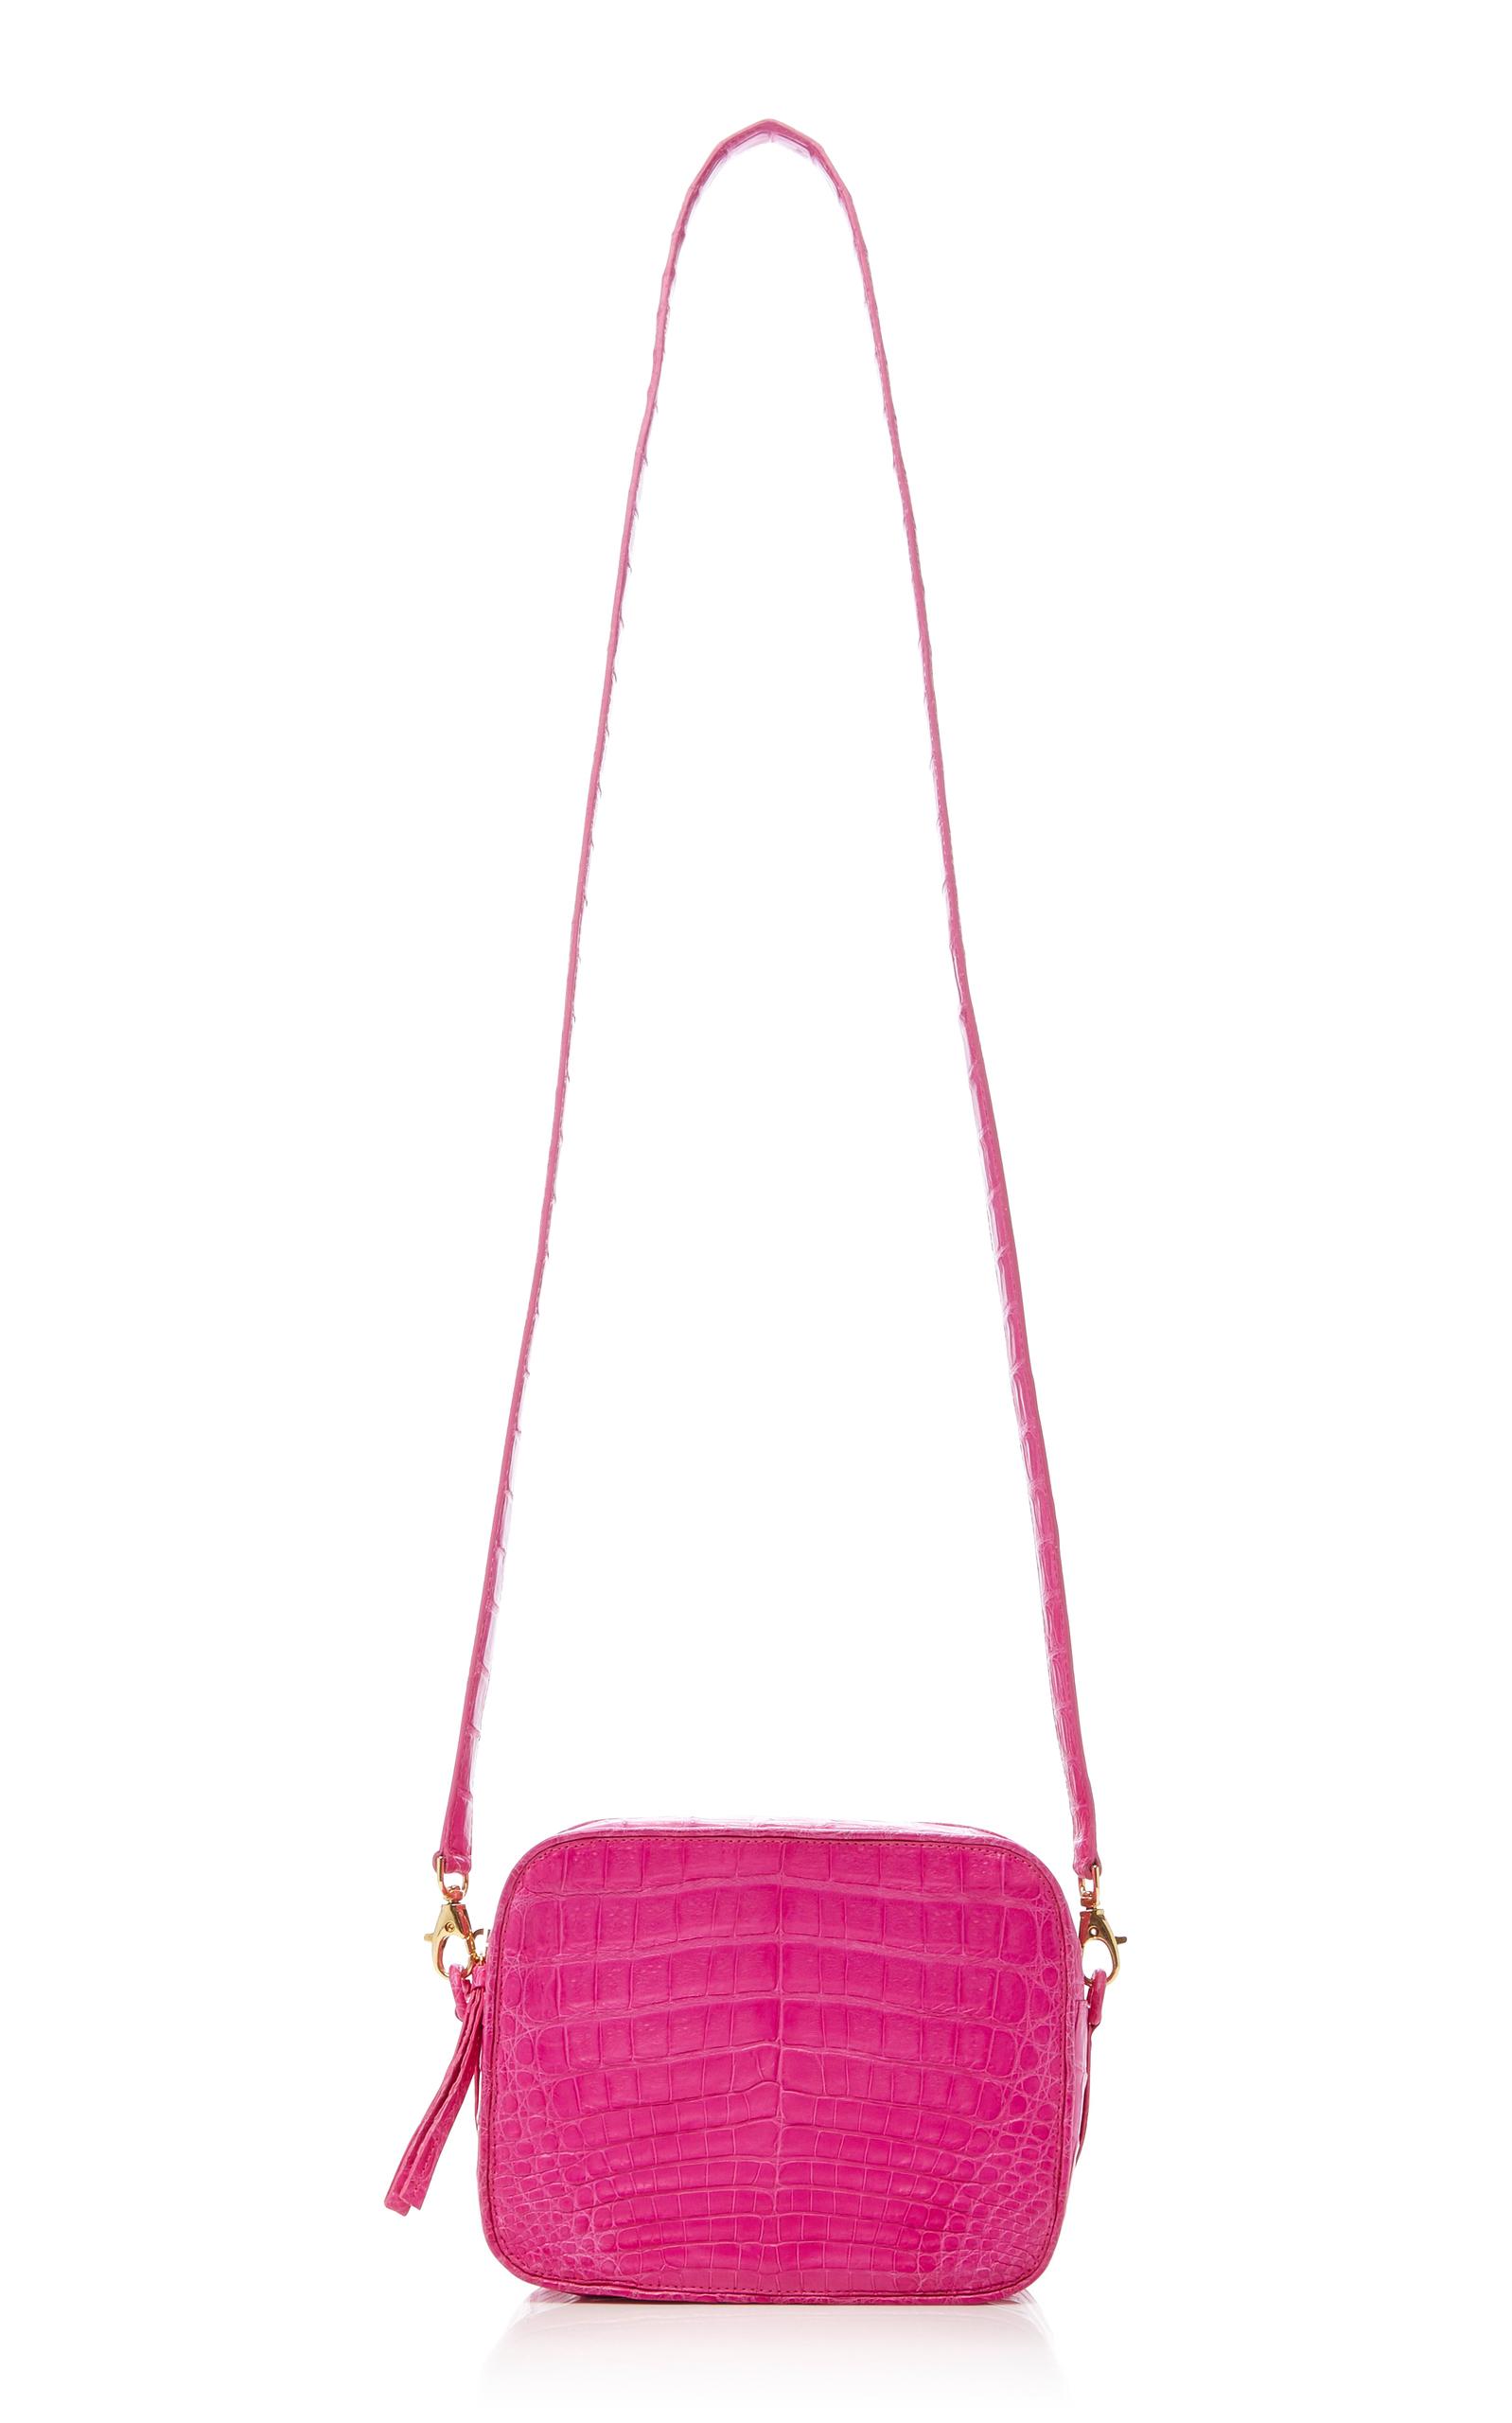 NANCY GONZALEZ Floral Strap Camera Bag | ModeSens